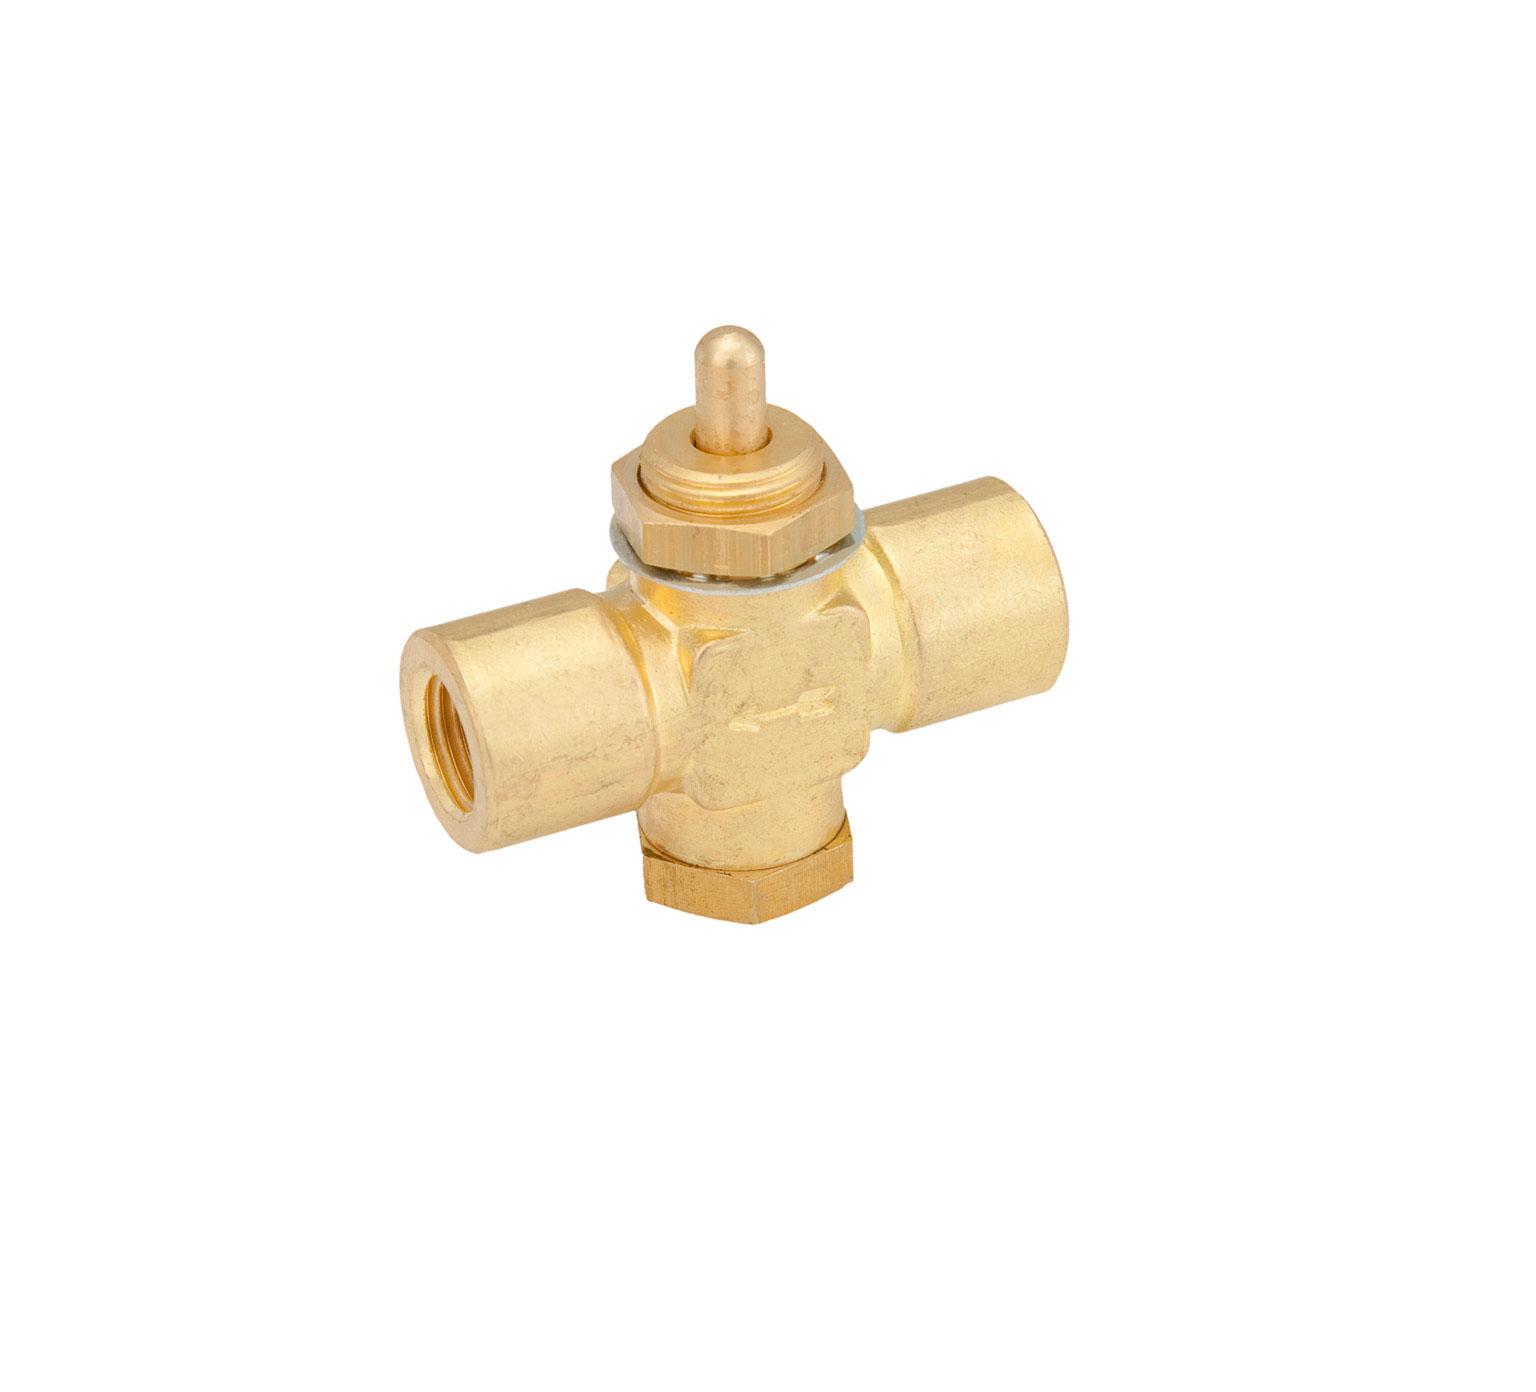 Tennanttrue Natural Brass Water Valve 0 75 X 2 13 X 2 25